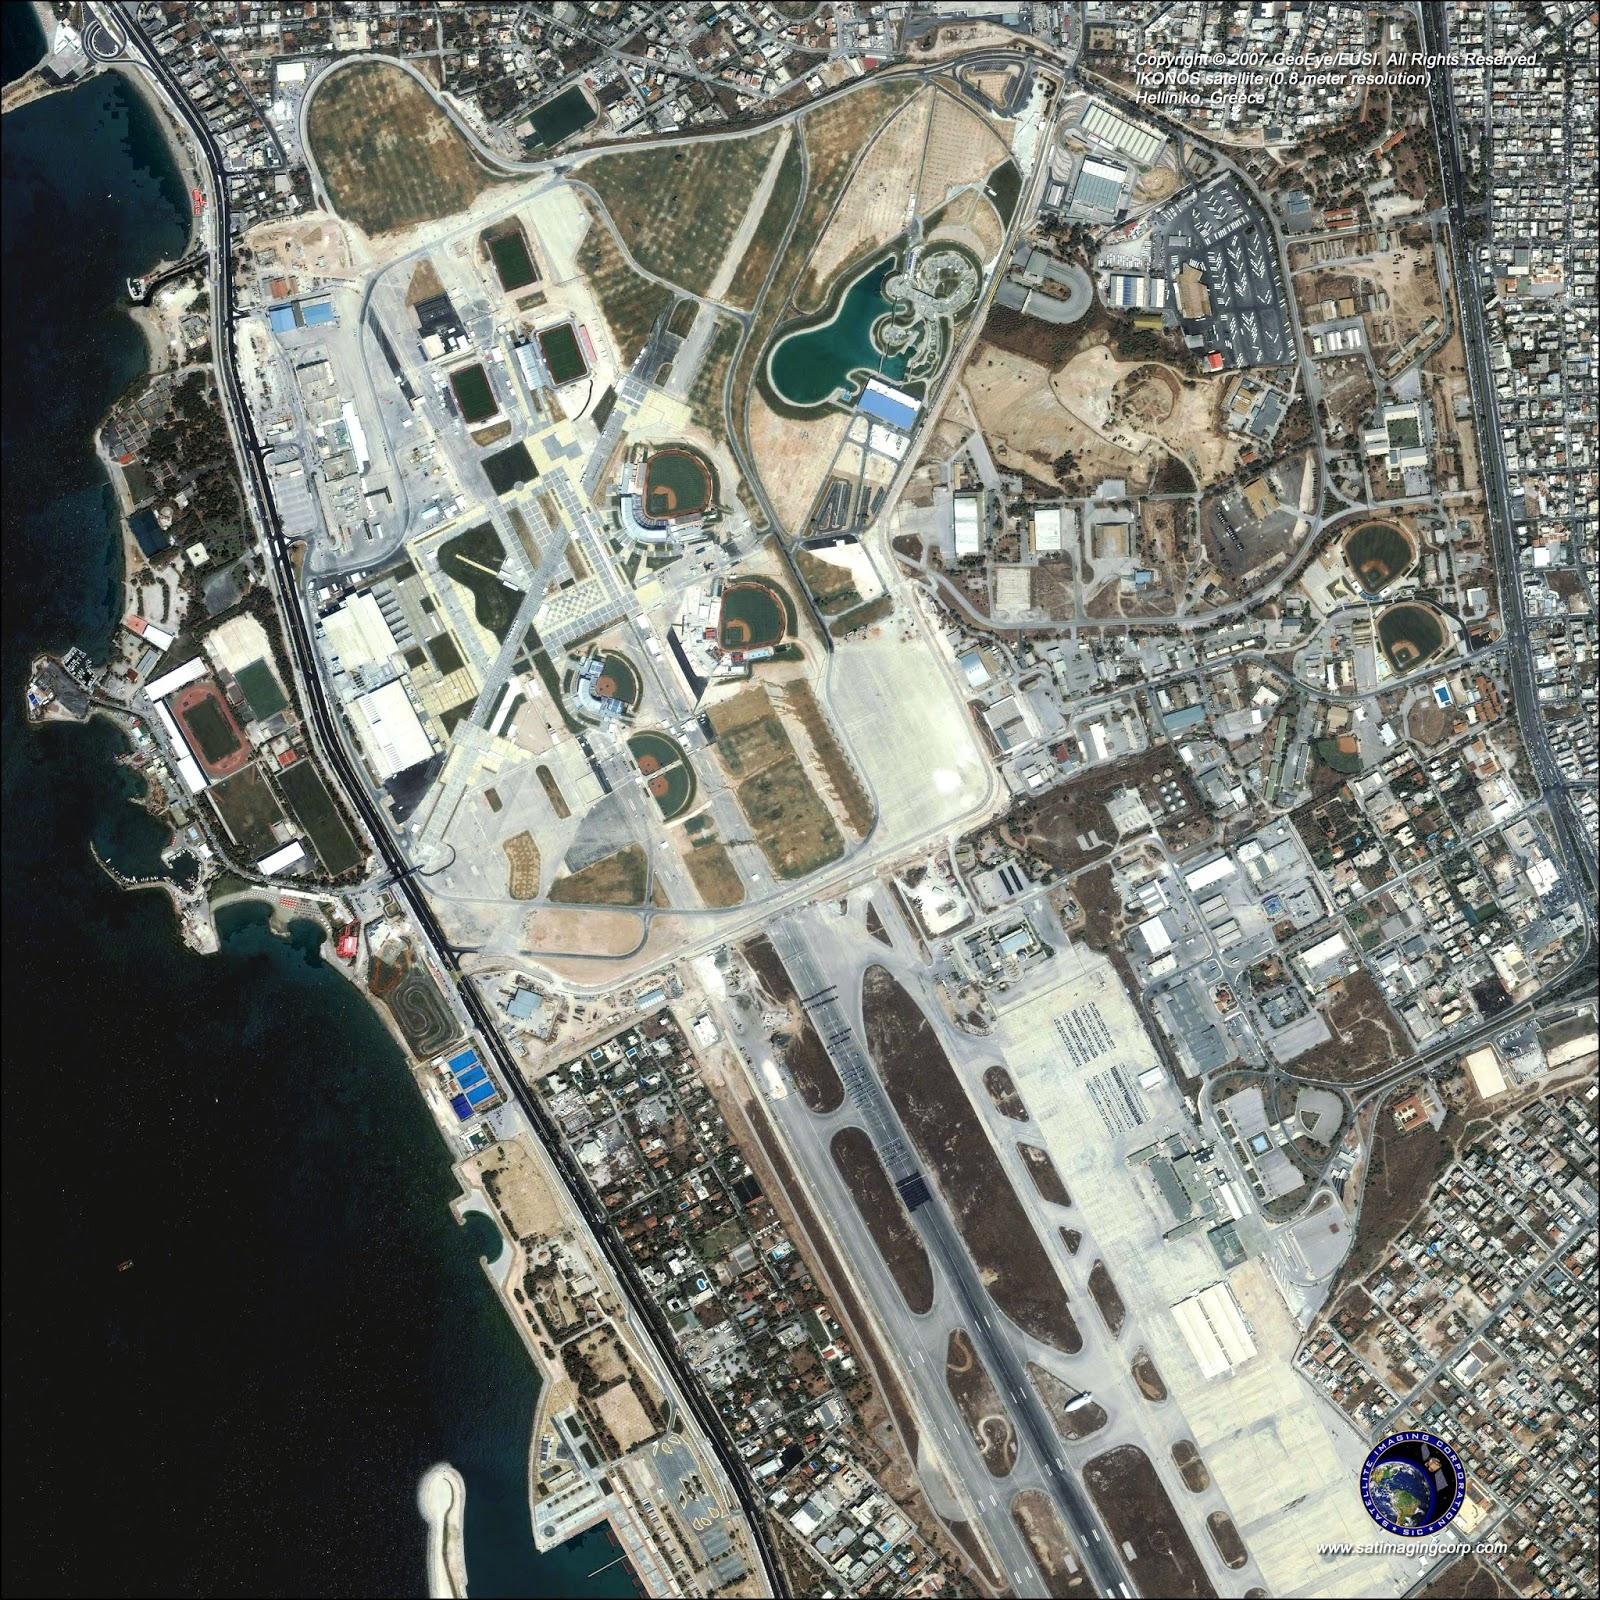 Urban Decay: No More Flights: Athens' Abandoned Ellinikon